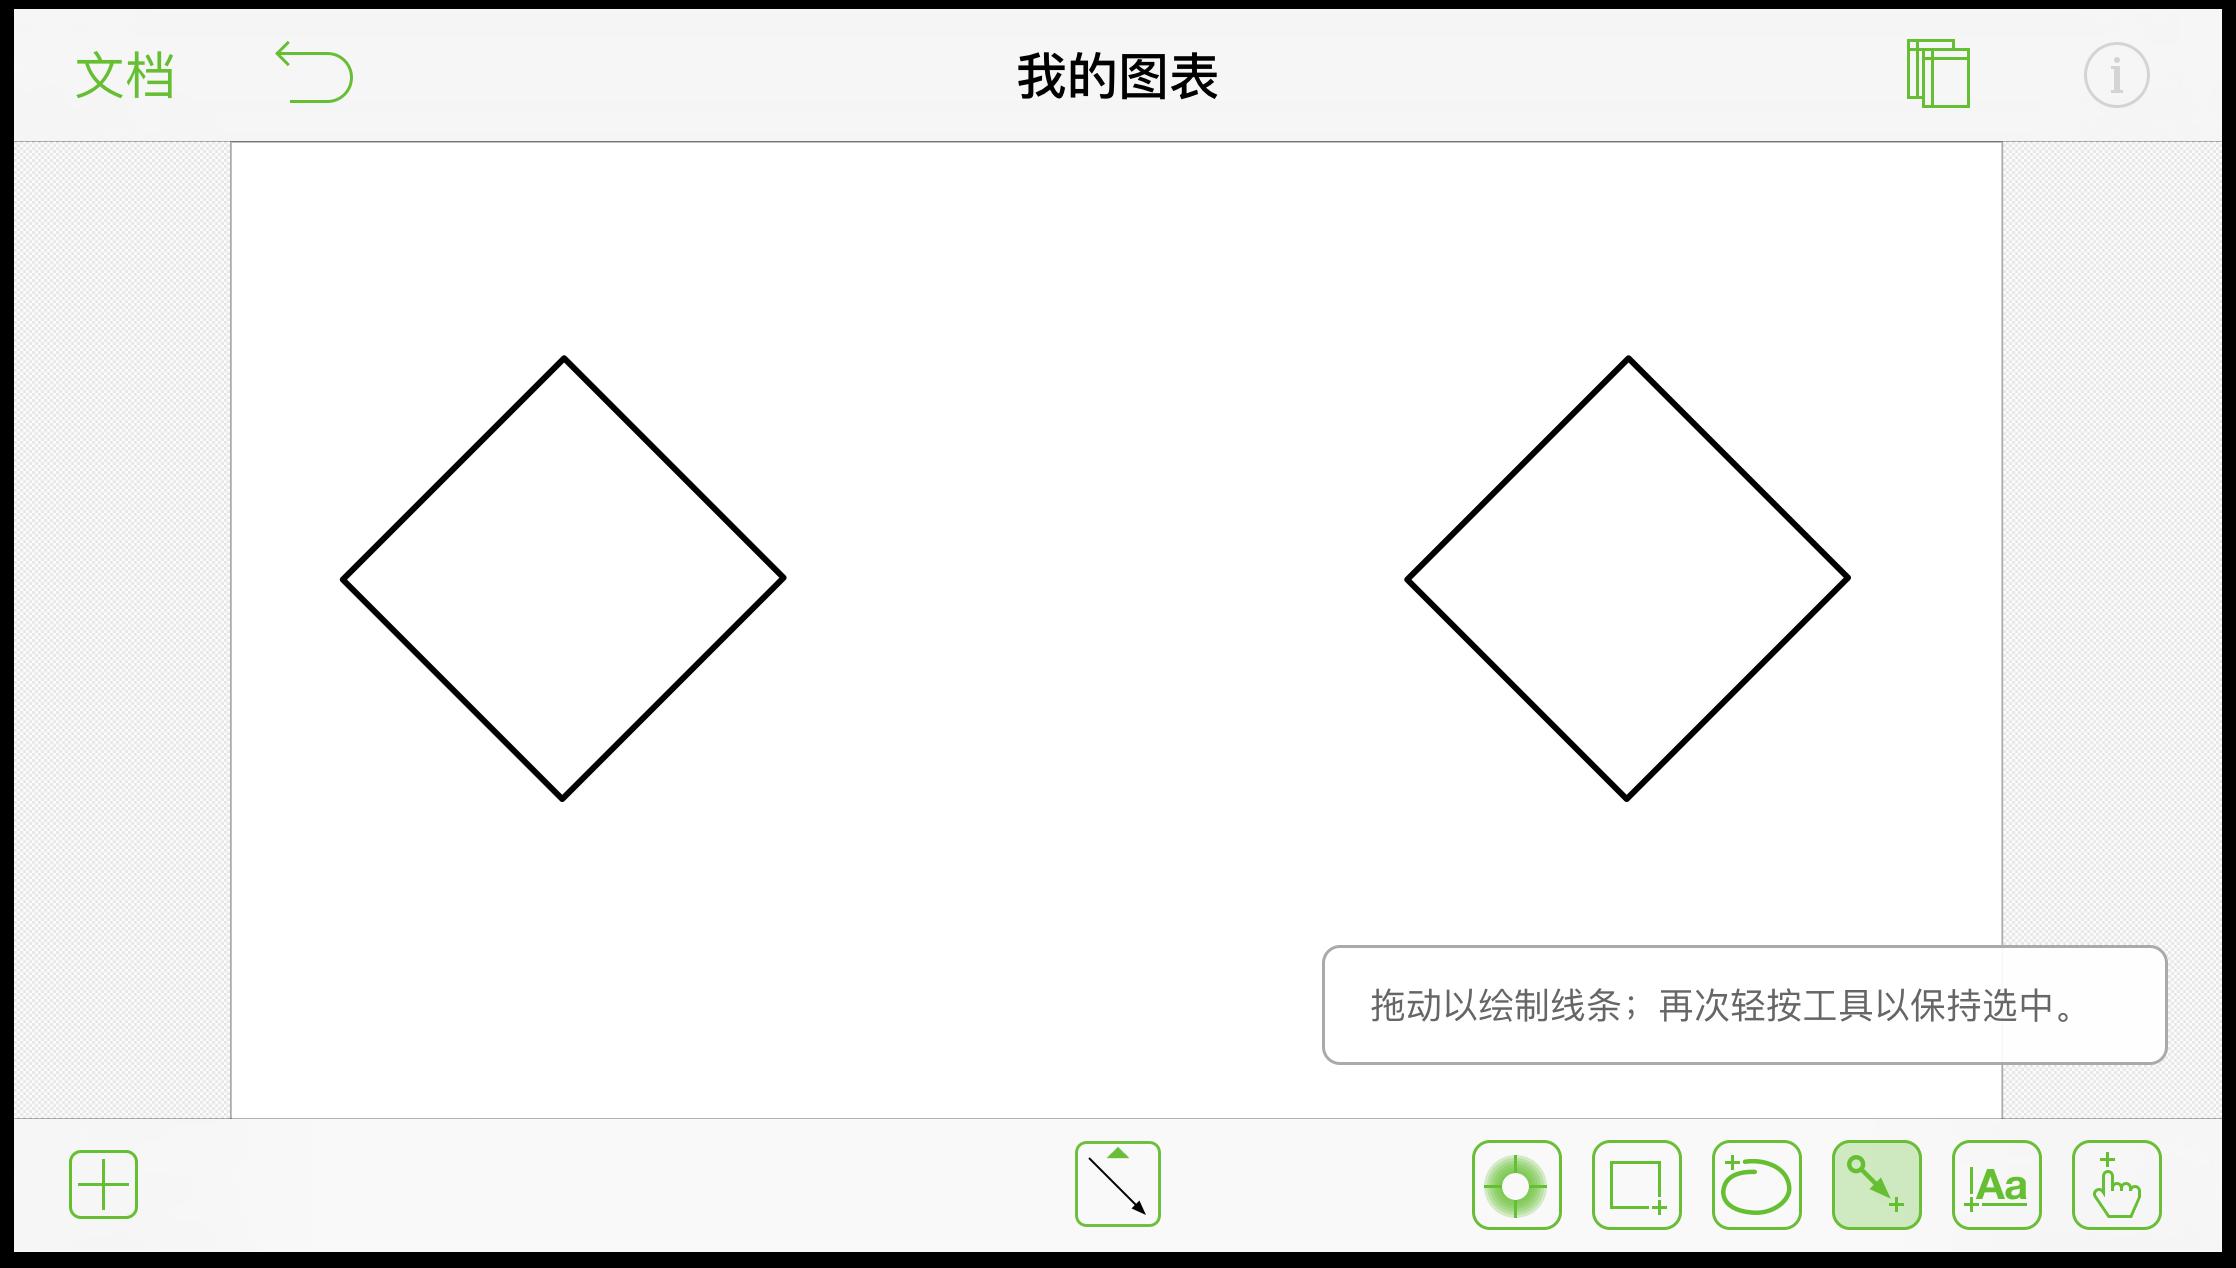 版面上的两个菱形对象